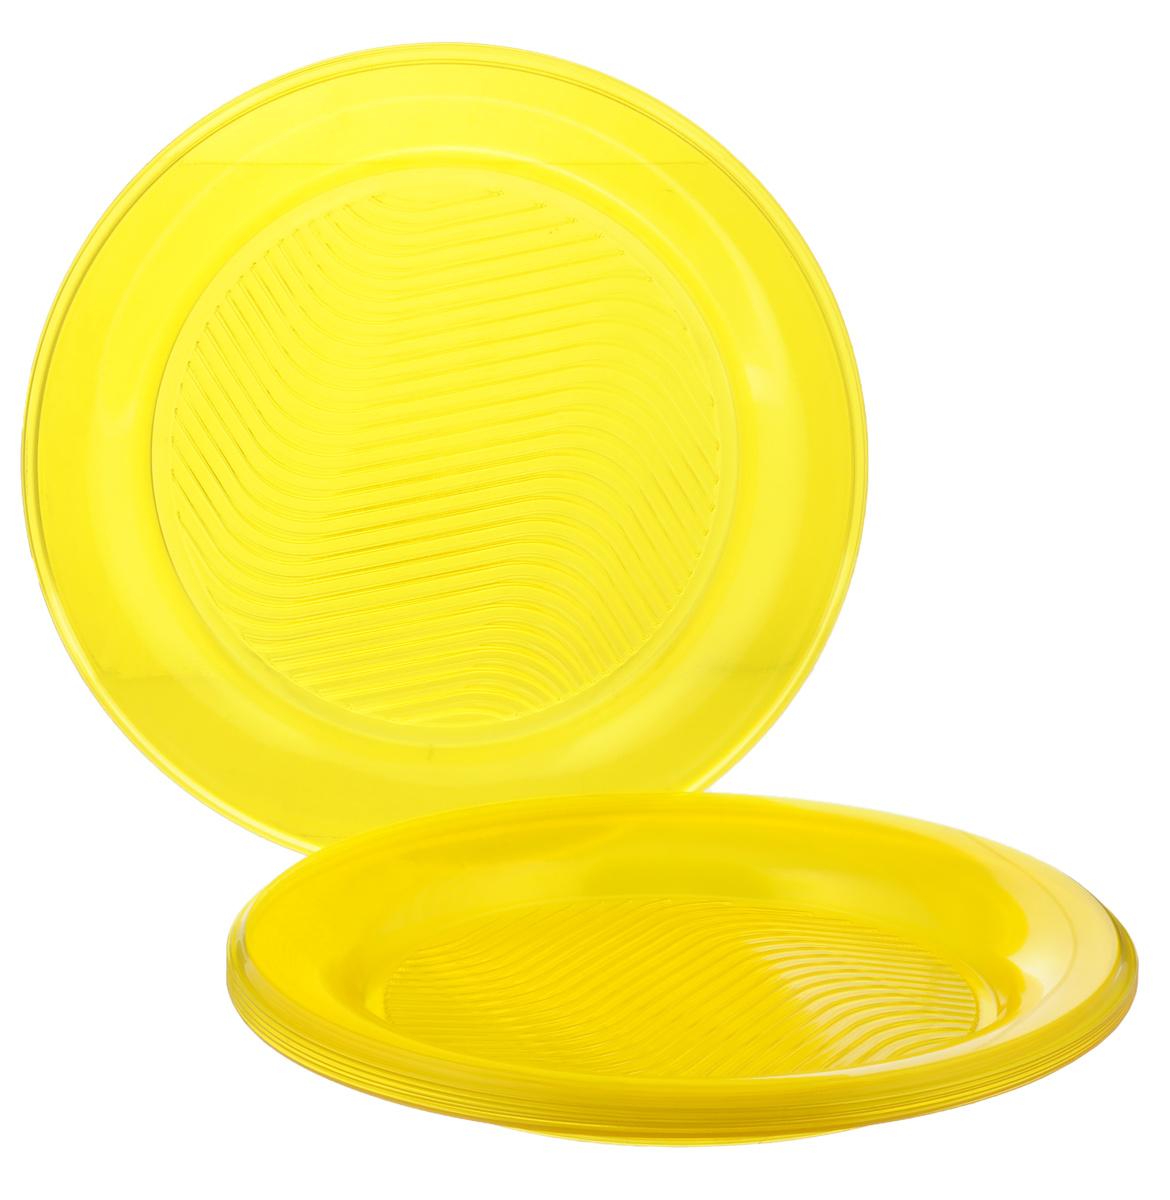 Набор одноразовых тарелок Bibo Super Party, цвет: желтый, диаметр 20,5 см, 10 штПОС08988Набор Bibo Super Party состоит из 10 круглых тарелок, выполненных из высококачественного пластика и предназначенных для одноразового использования. Изделия декорированы рельефным узором. Одноразовые тарелки будут незаменимы при поездках на природу, пикниках и других мероприятиях. Они не займут много места, легки и самое главное - после использования их не надо мыть. Диаметр тарелки: 20,5 см. Высота тарелки: 1,5 см.